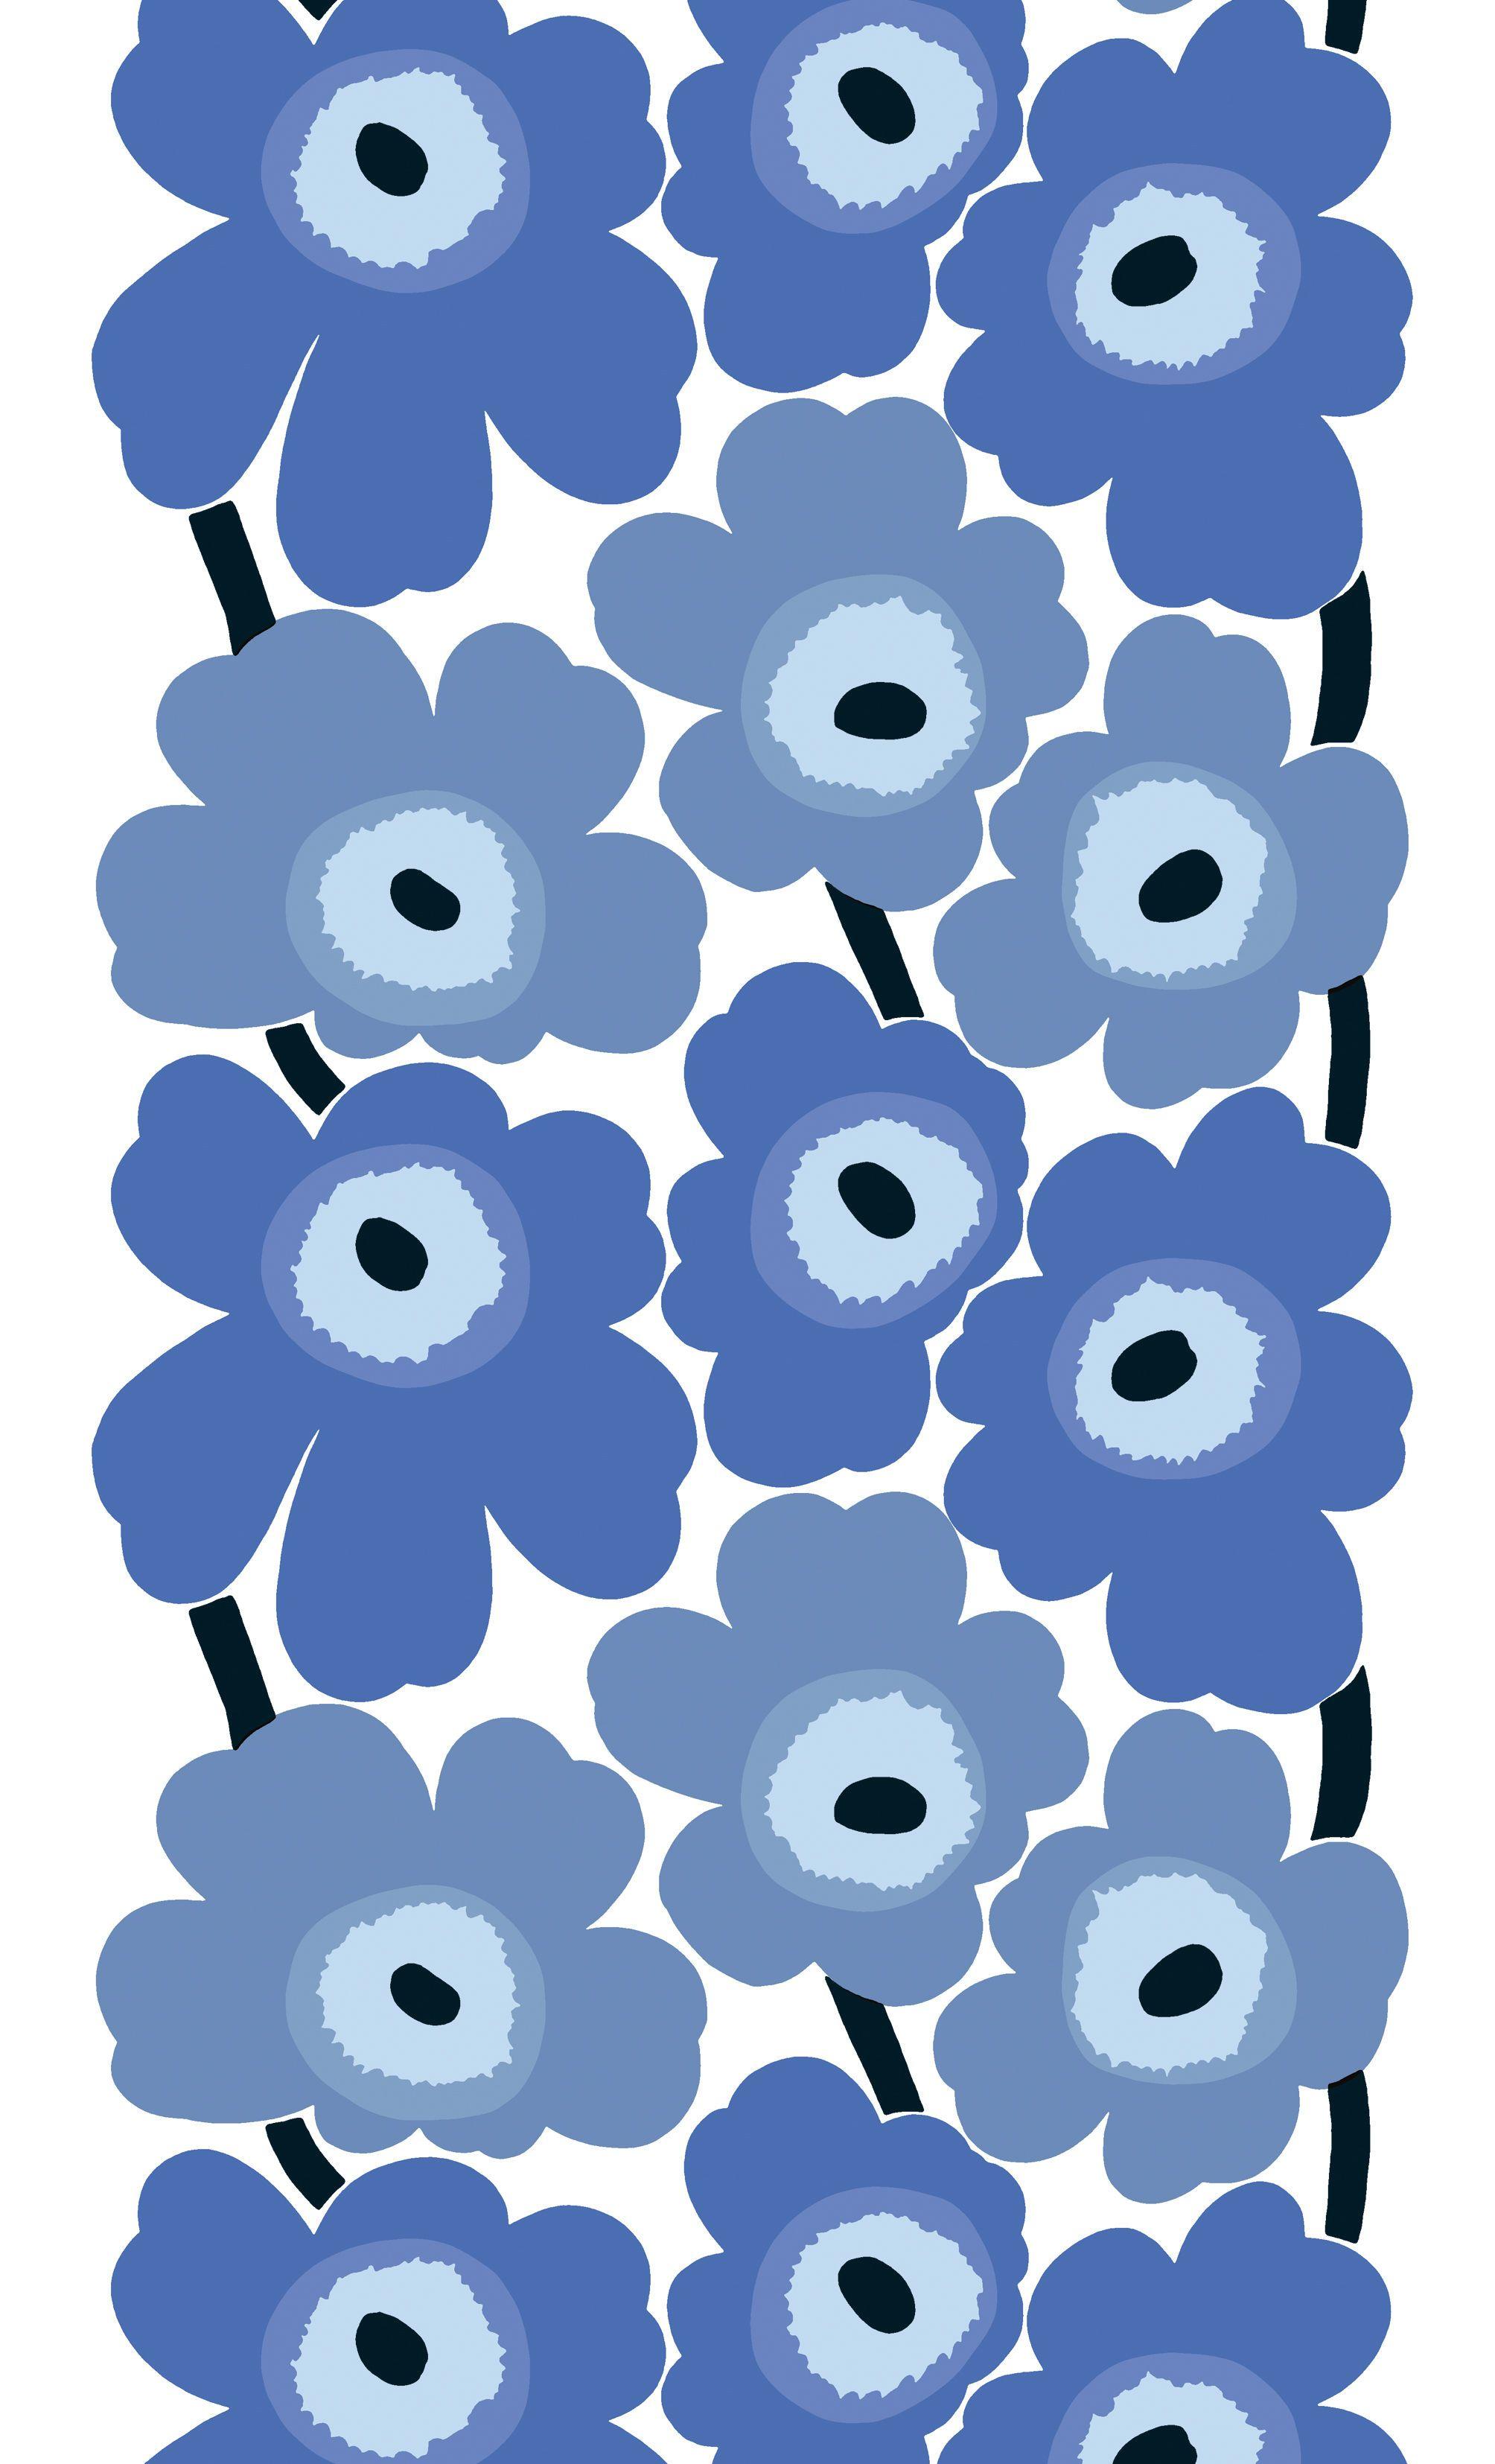 papier grosses fleurs bleues printable impression sur. Black Bedroom Furniture Sets. Home Design Ideas